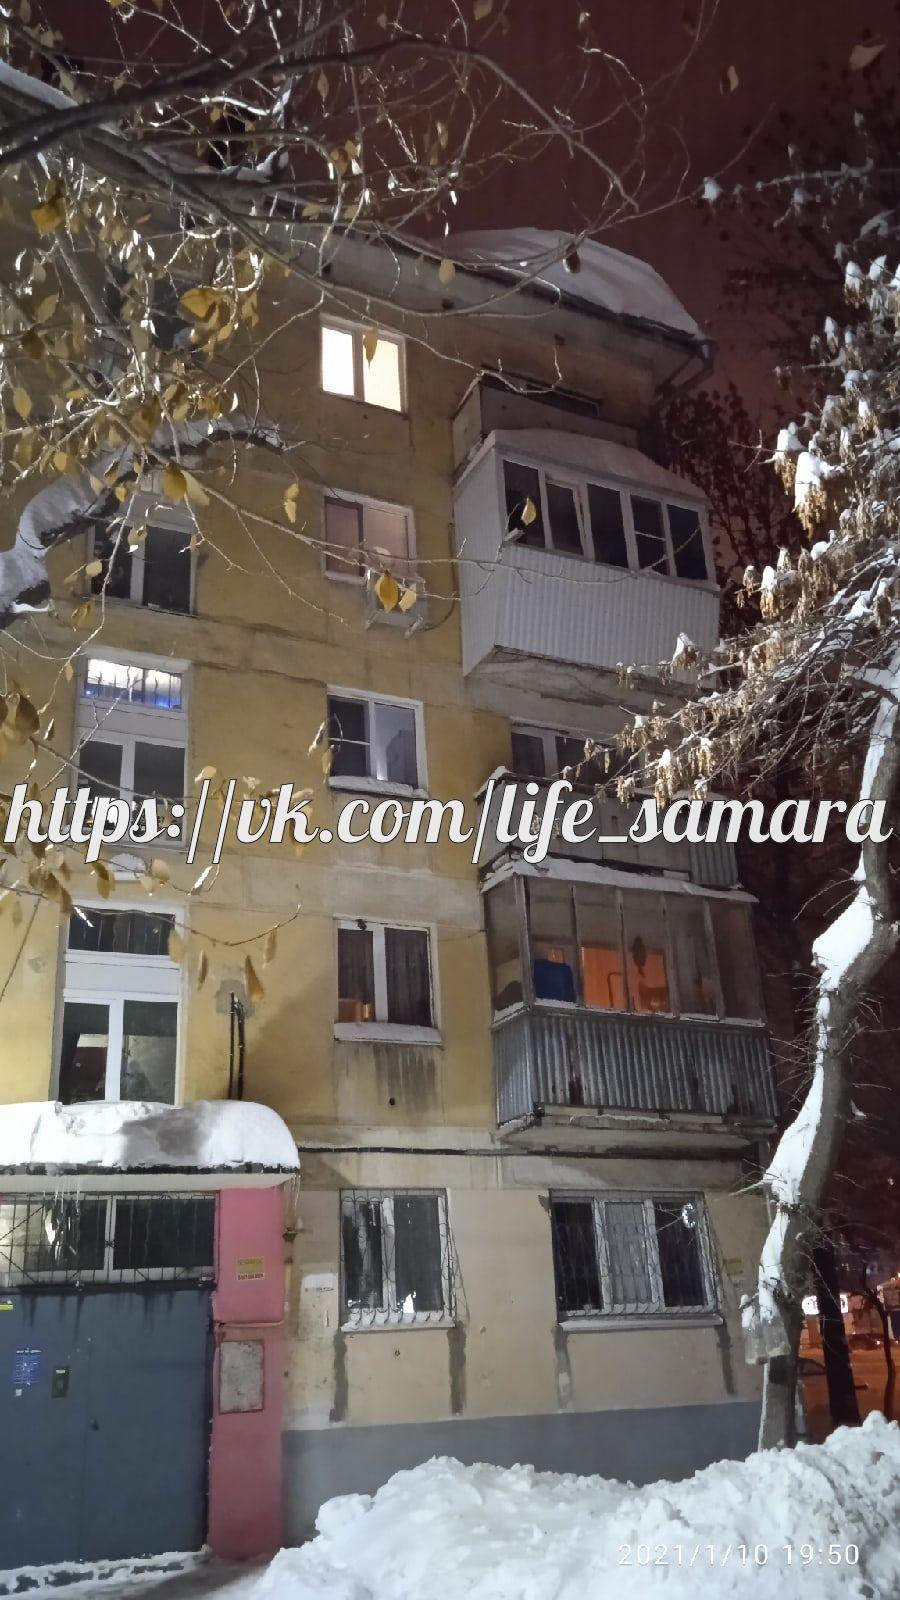 Самарцы пожаловались на ледяную глыбу, угрожающую жильцам дома